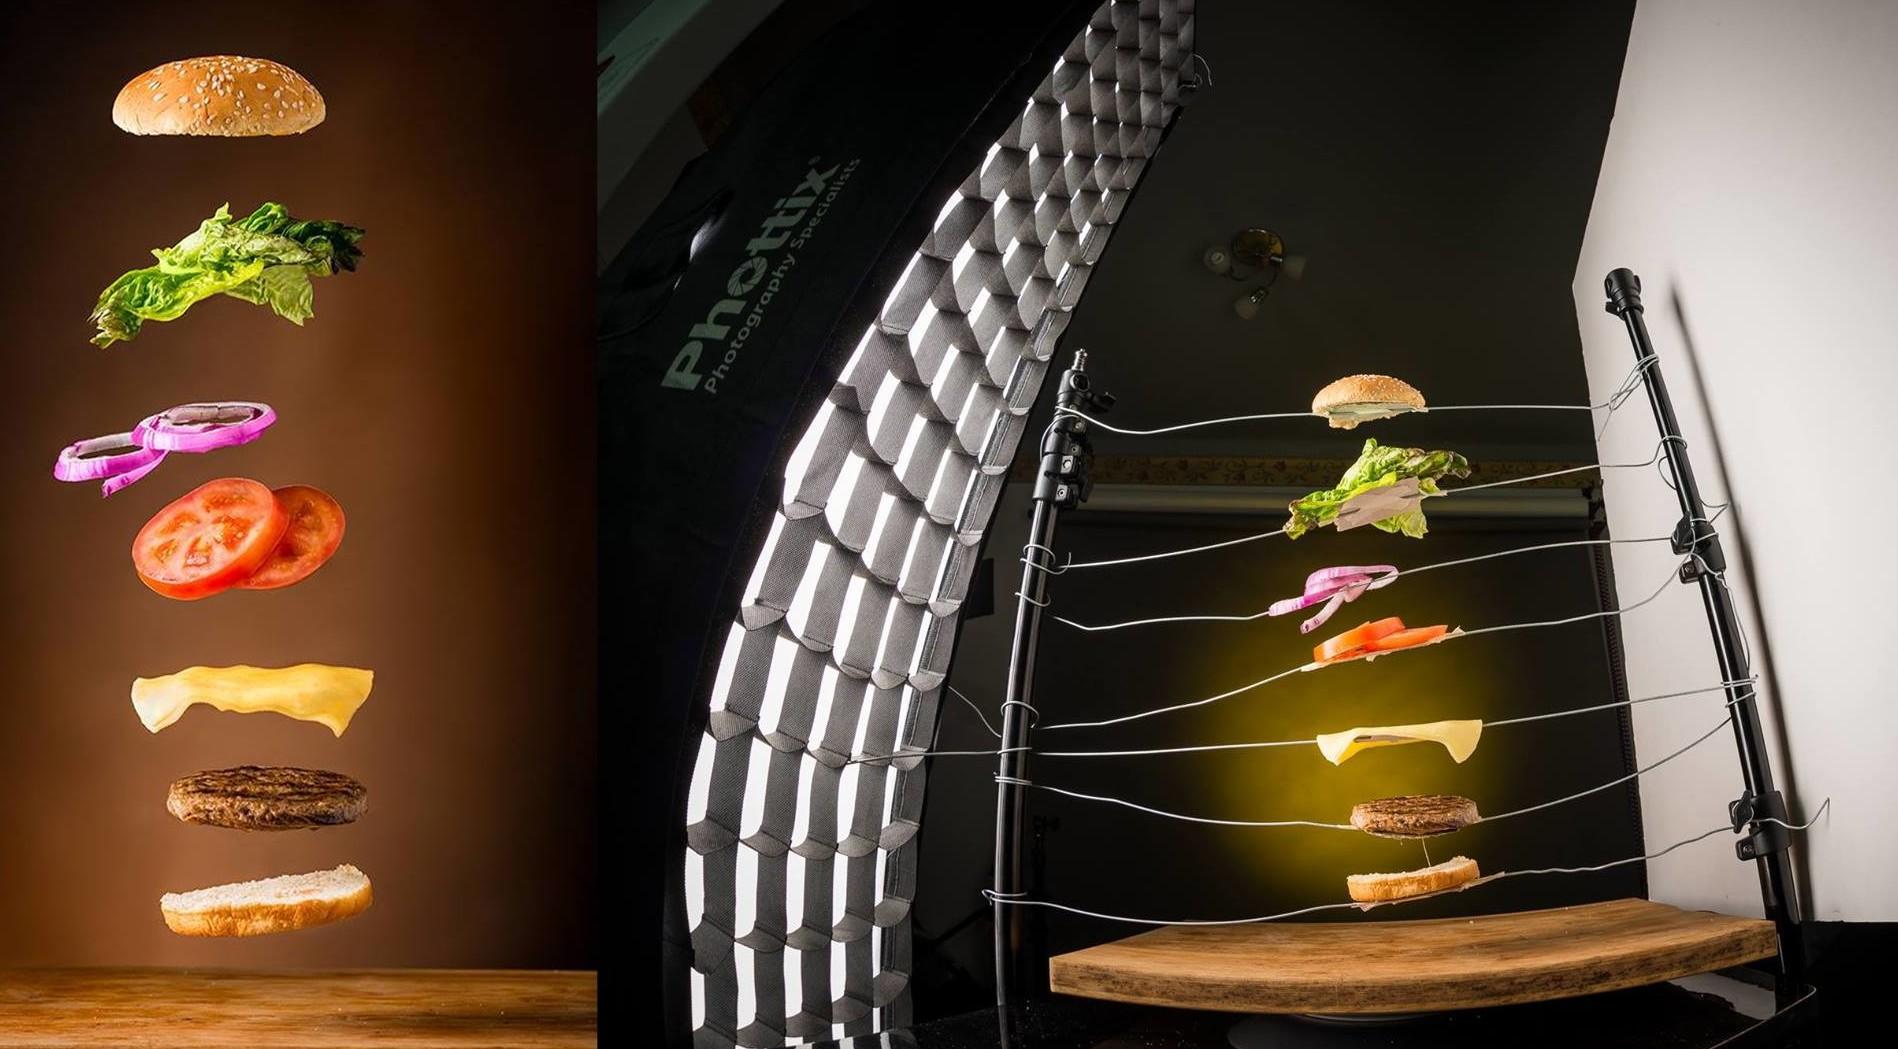 А вот они, эти самые летающие гамбургеры! еда, интересное, маркетинг, реклама, фото